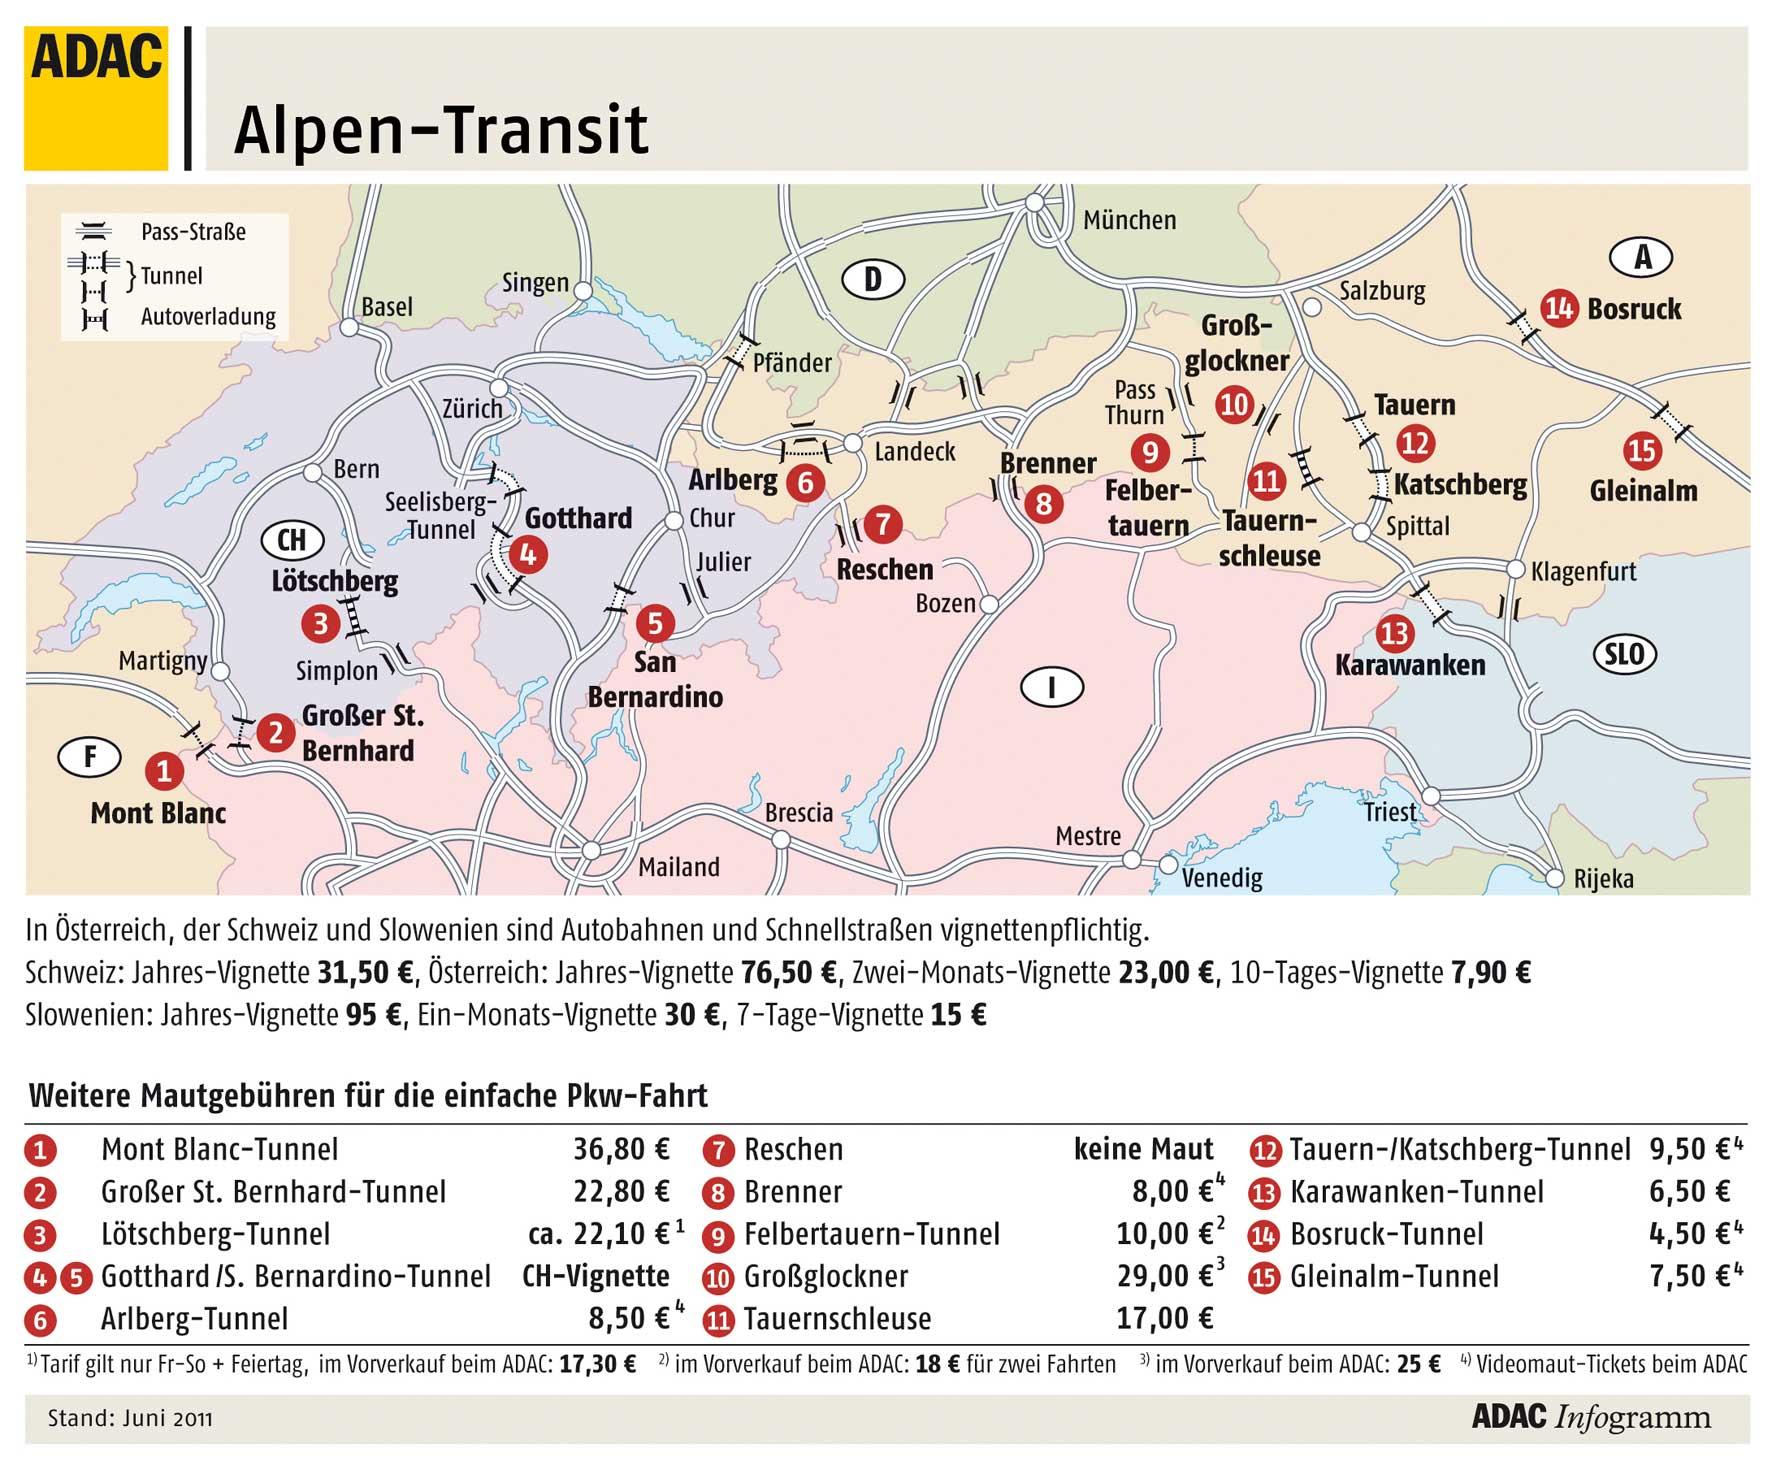 http://www.adventure-magazin.de/daten_tipps/Alpen_Transit_2011.jpg